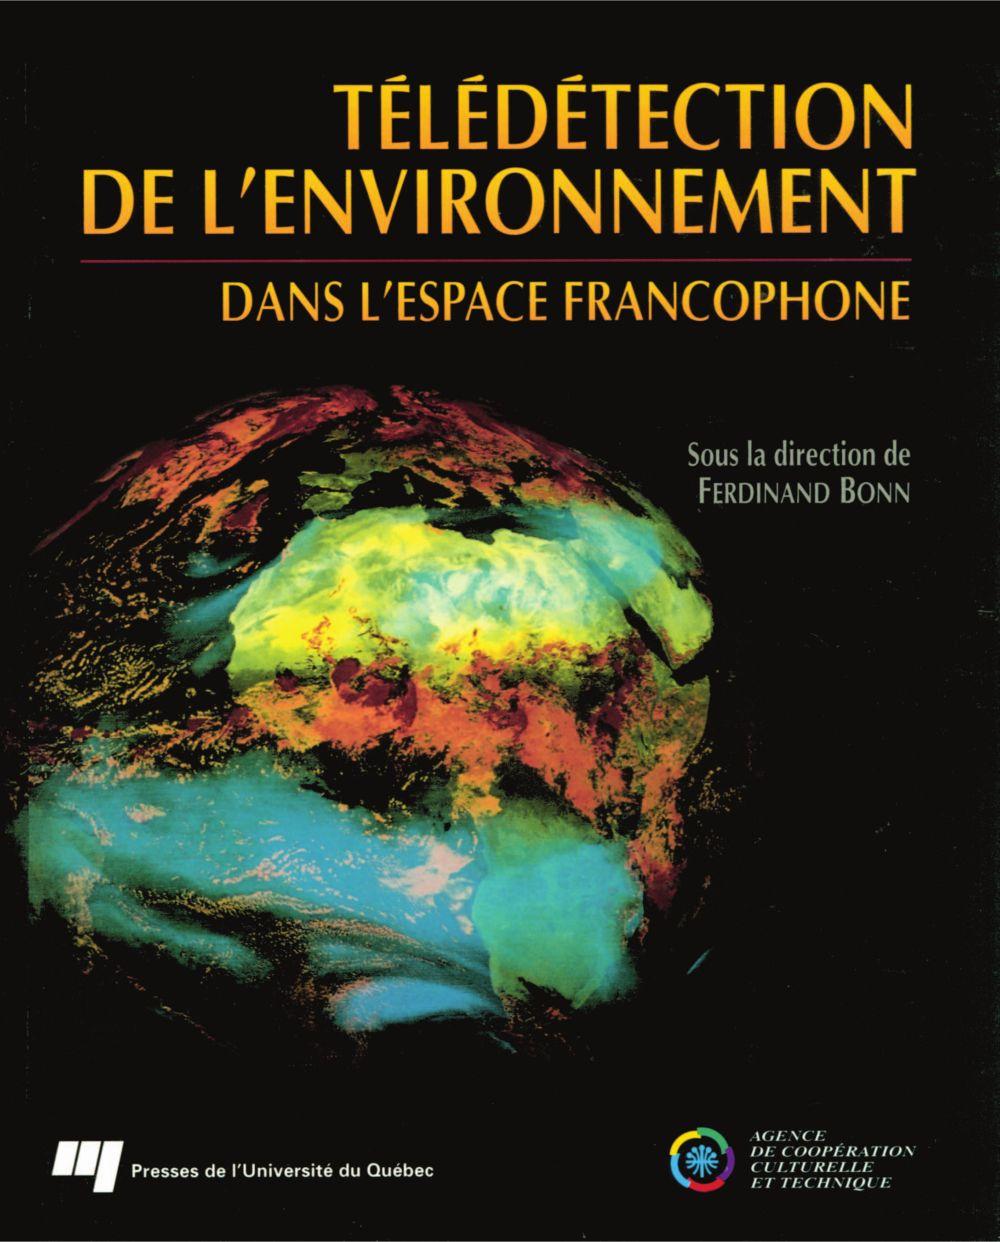 Télédétection de l'environnement dans l'espace francophone